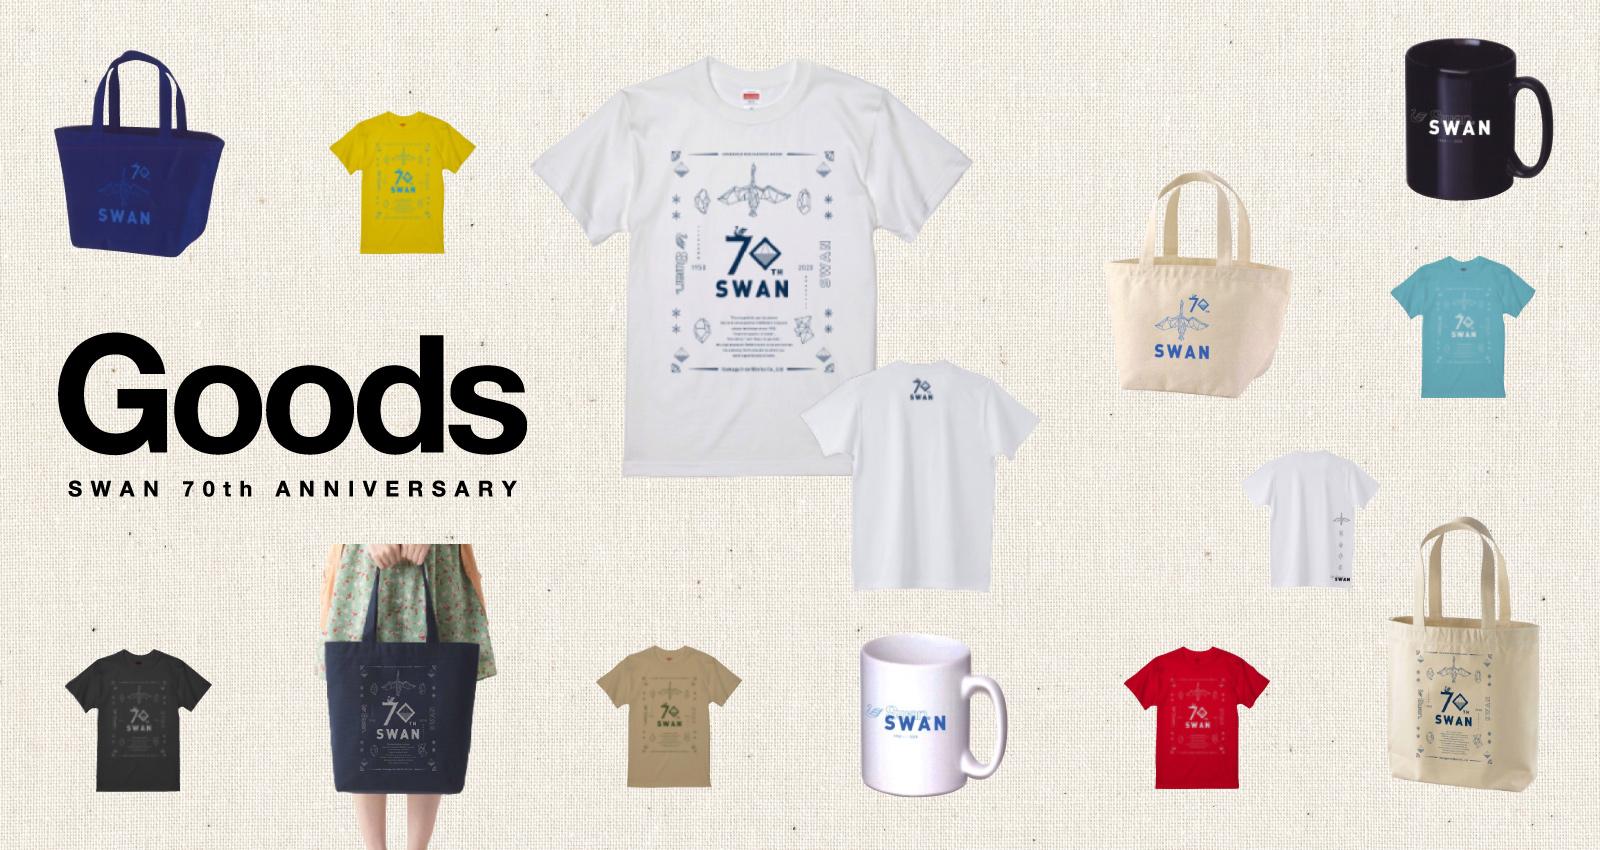 SWAN Goods